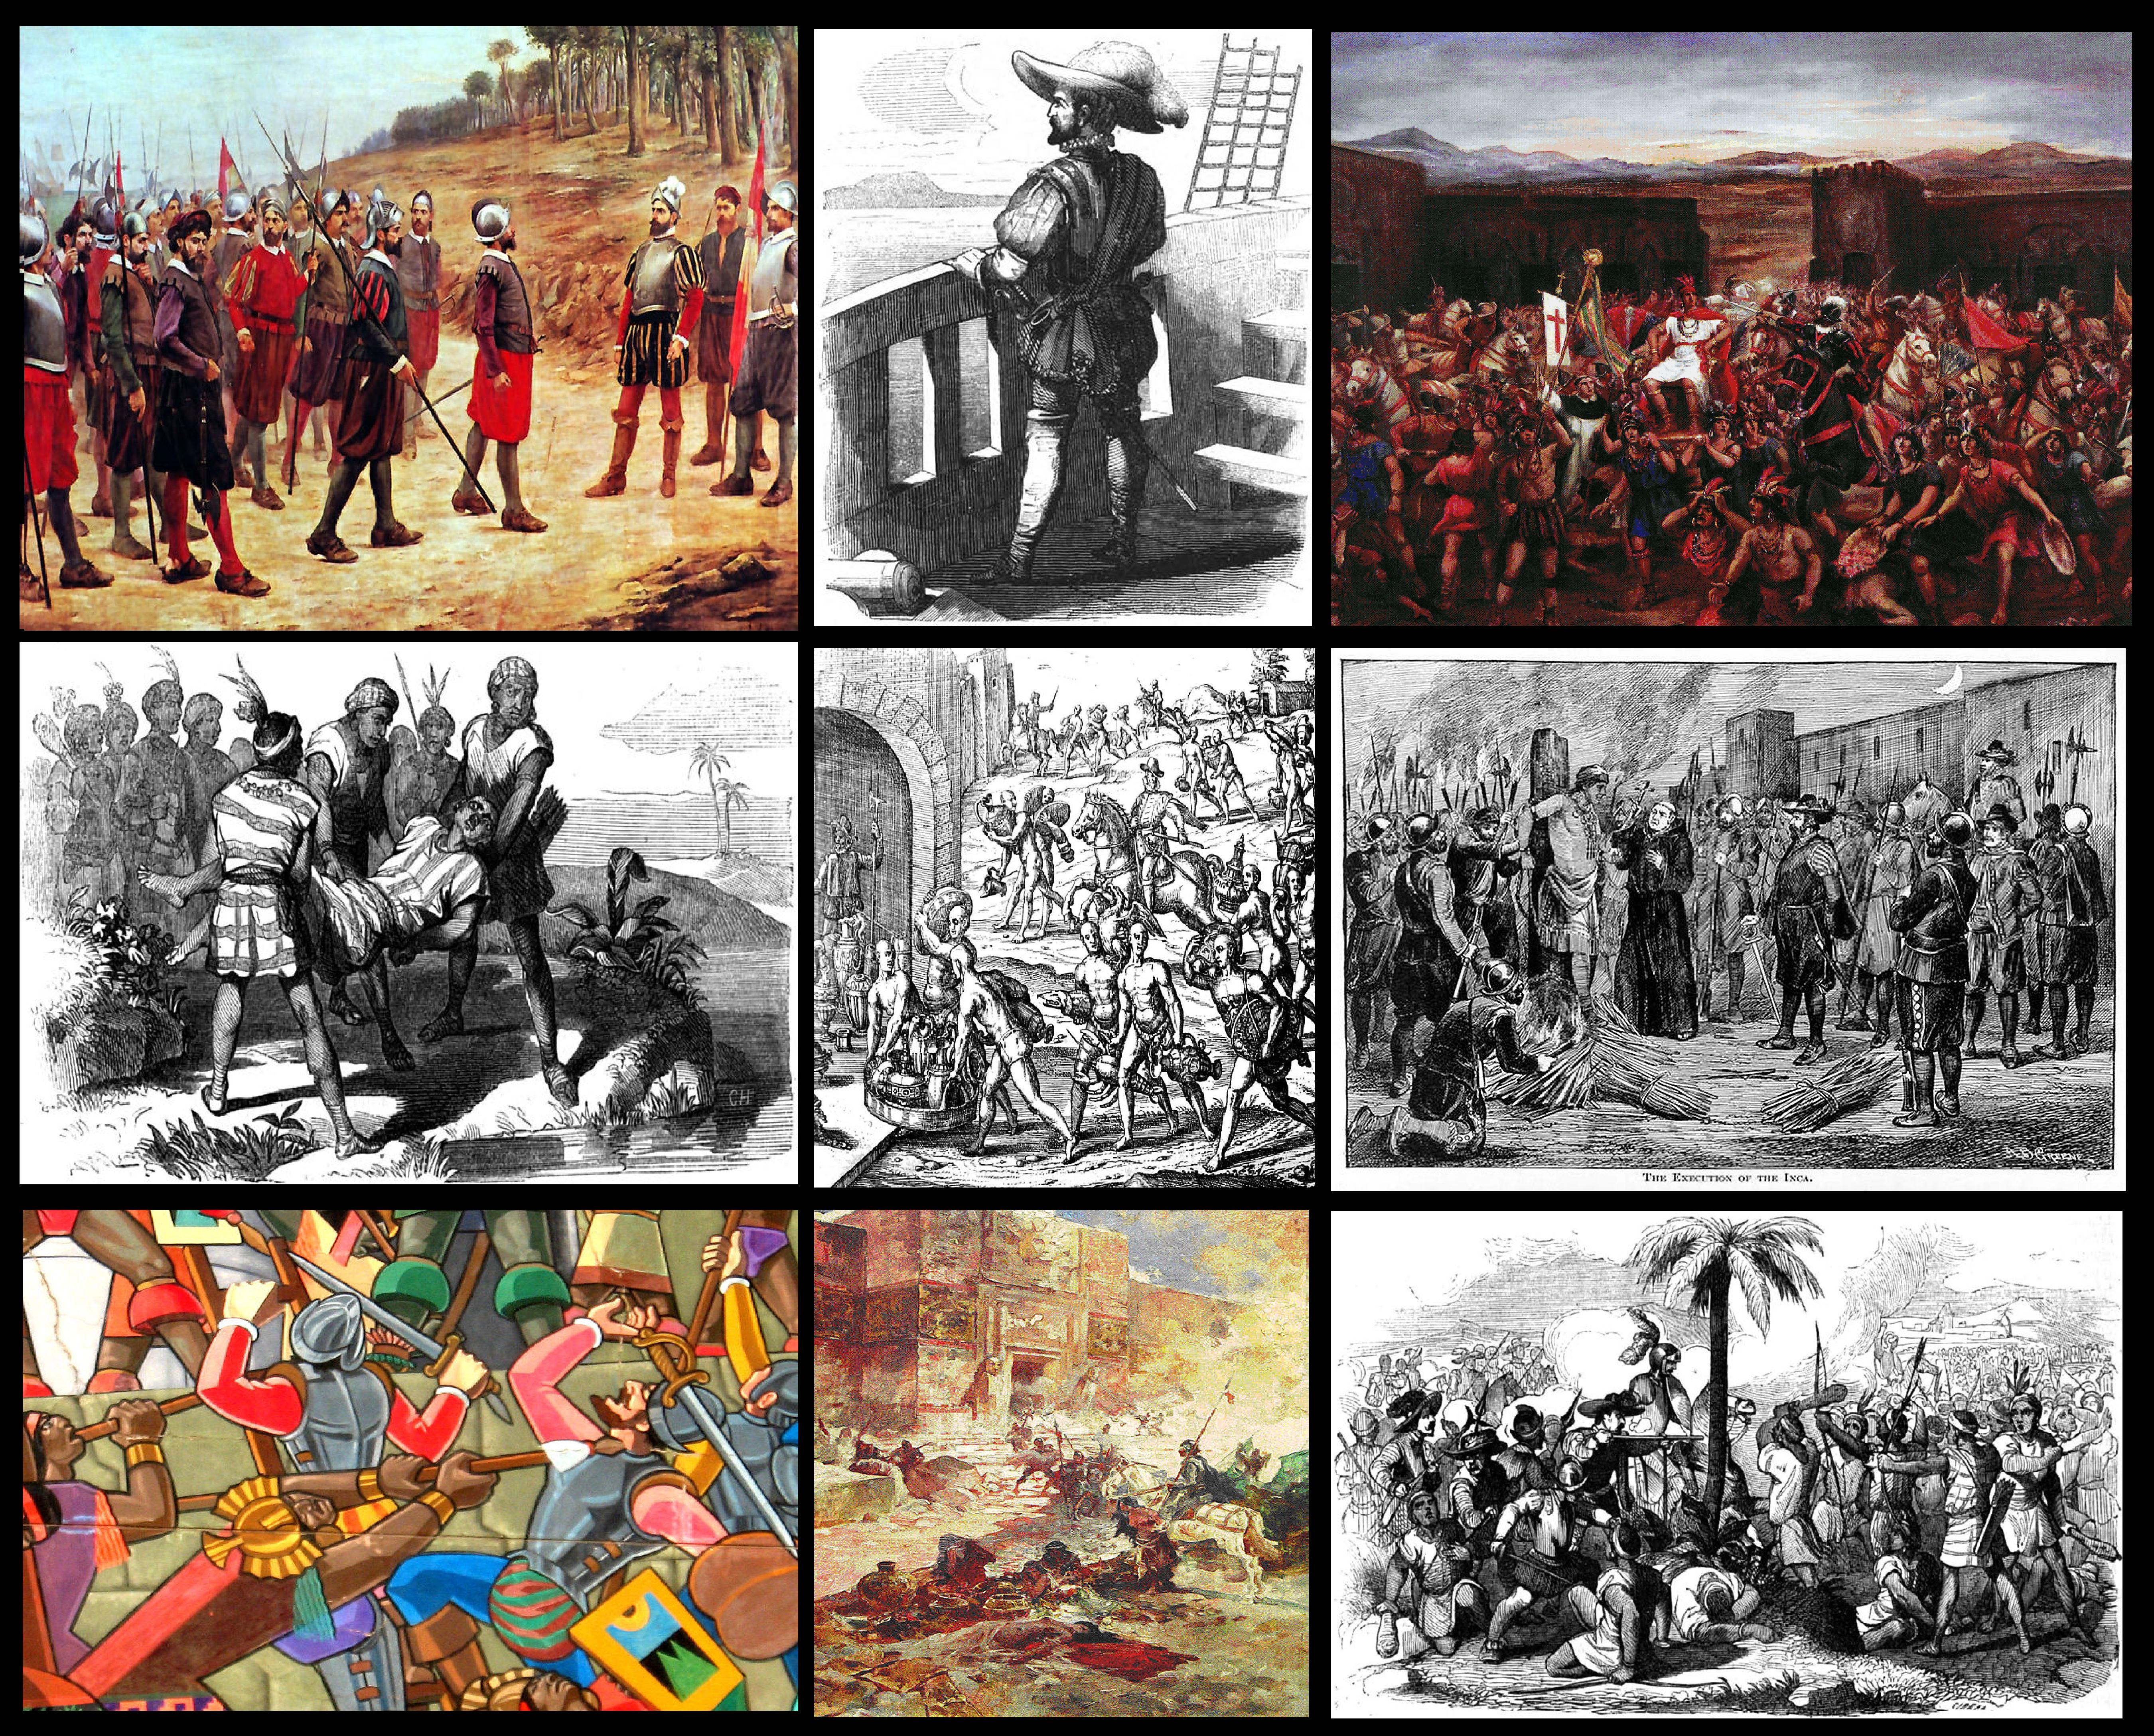 Conquista del Perú - Wikipedia, la enciclopedia libre